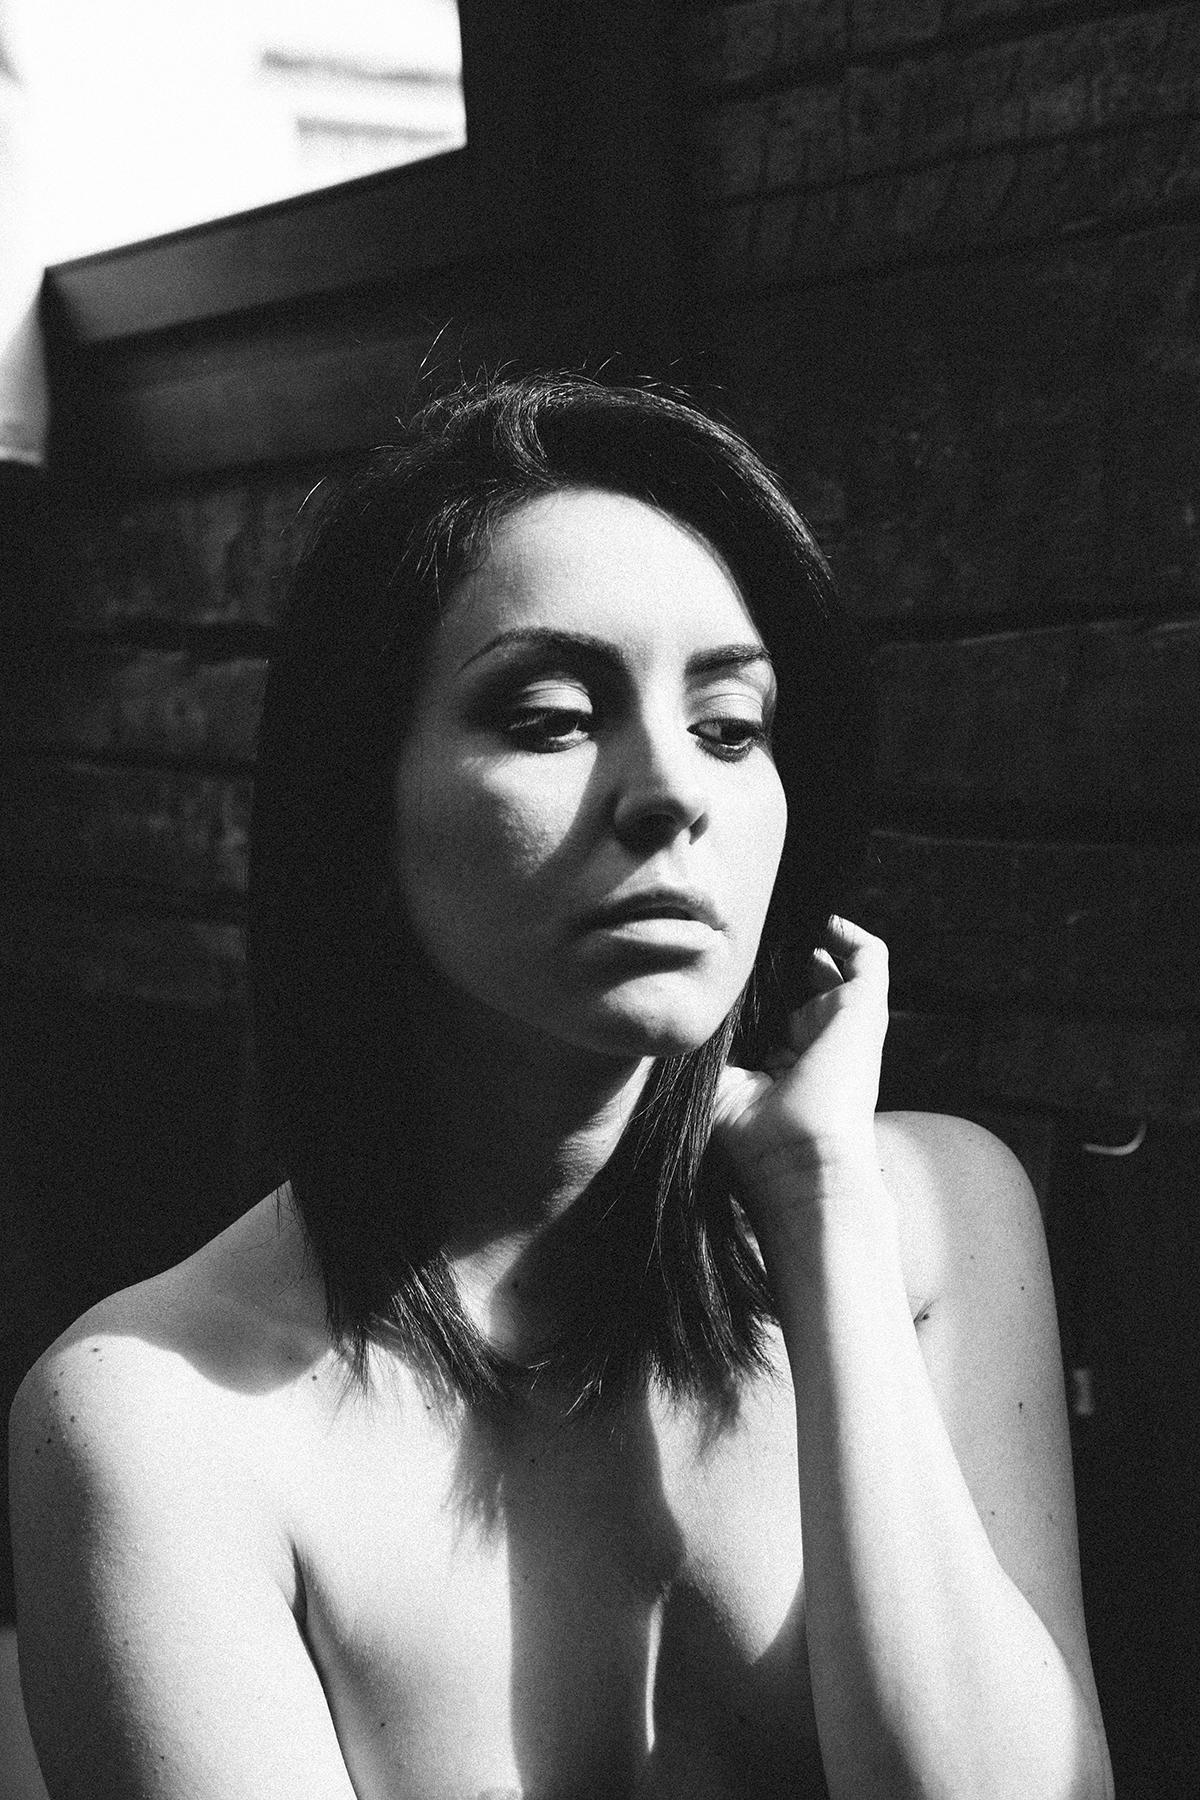 Jennifer-Bezzon-Marco-Michieletto-YAF-Magazine-5